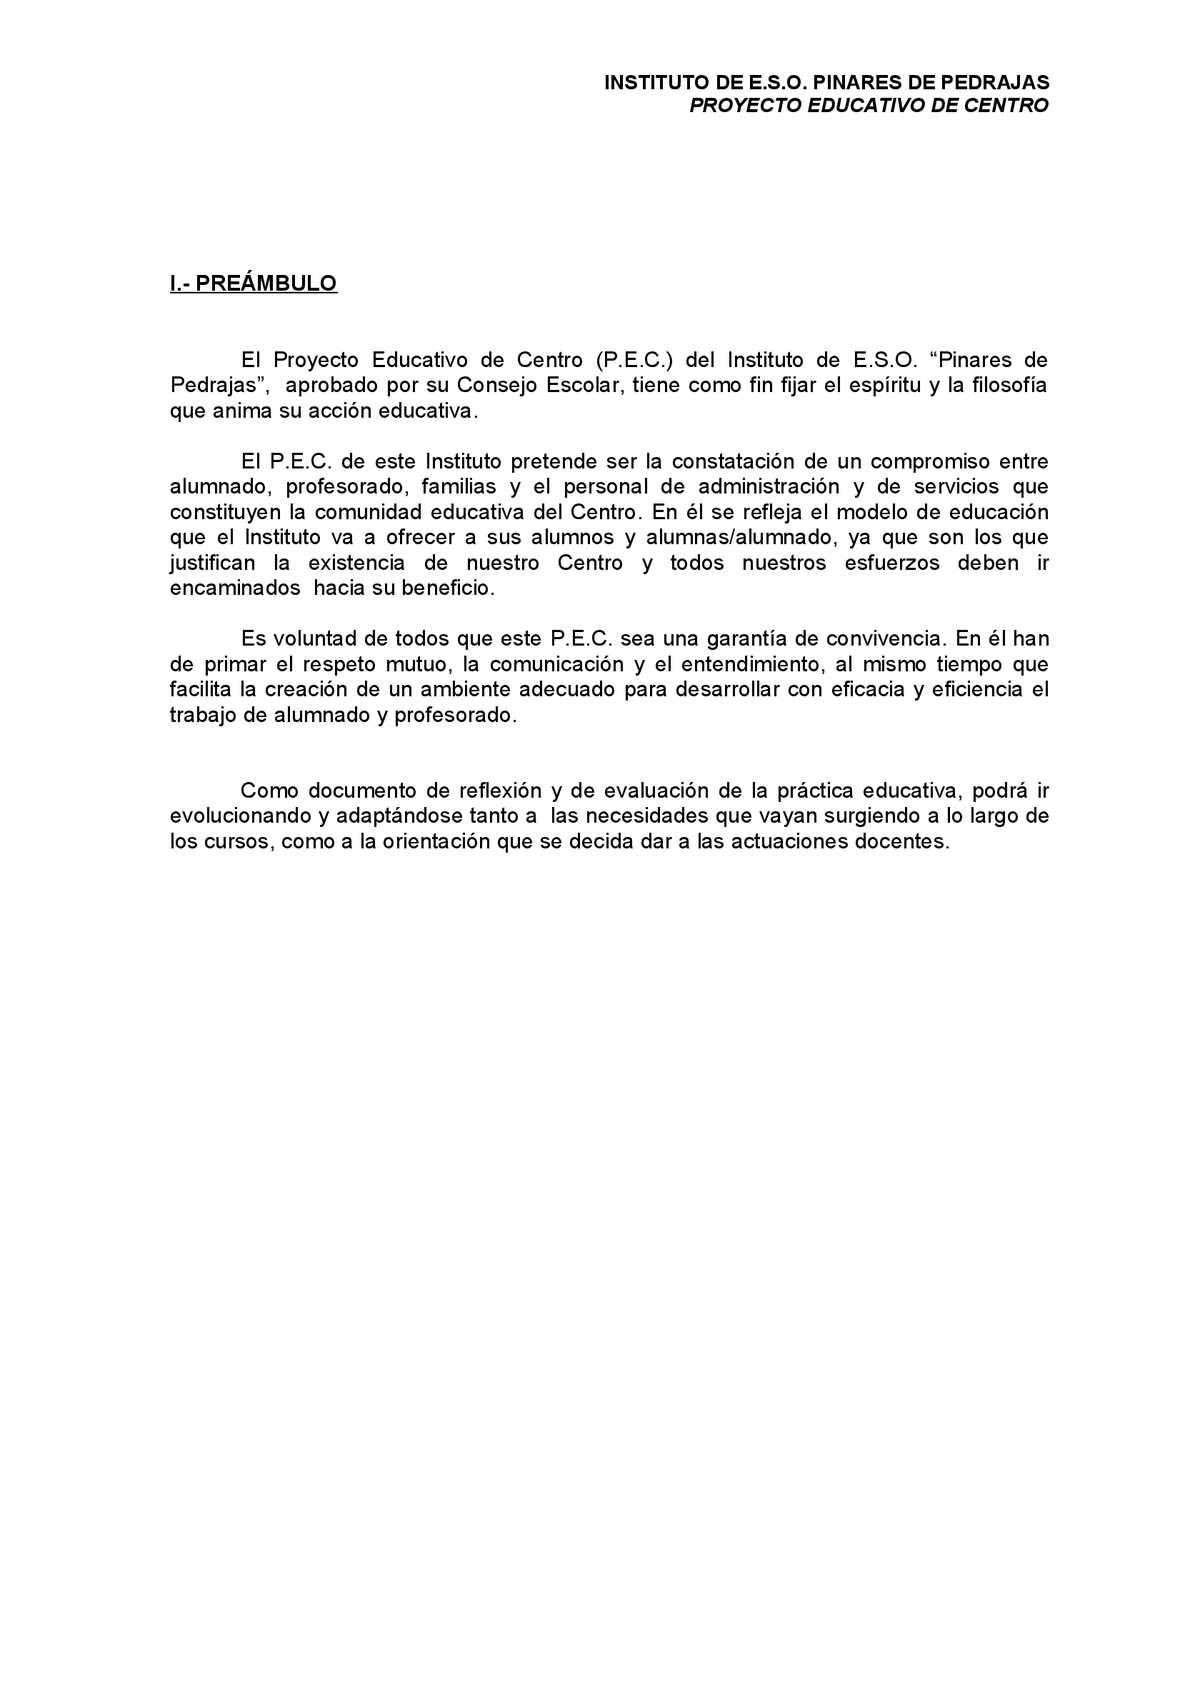 Calaméo - P.E.C. I.E.S.O. Pinares de Pedrajas